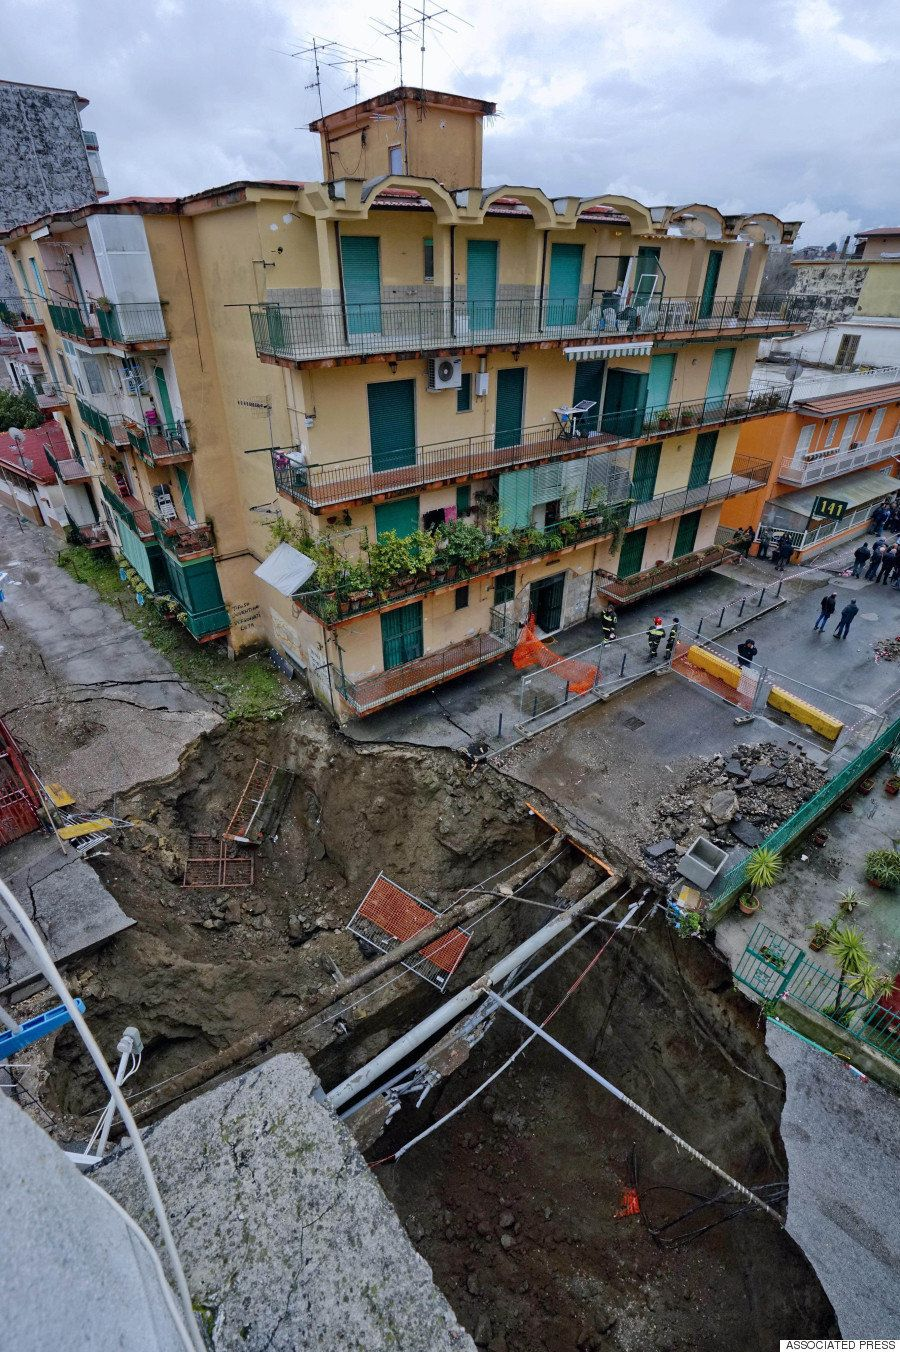 巨大な穴、ナポリの住宅街に出現 380人に避難指示(画像)